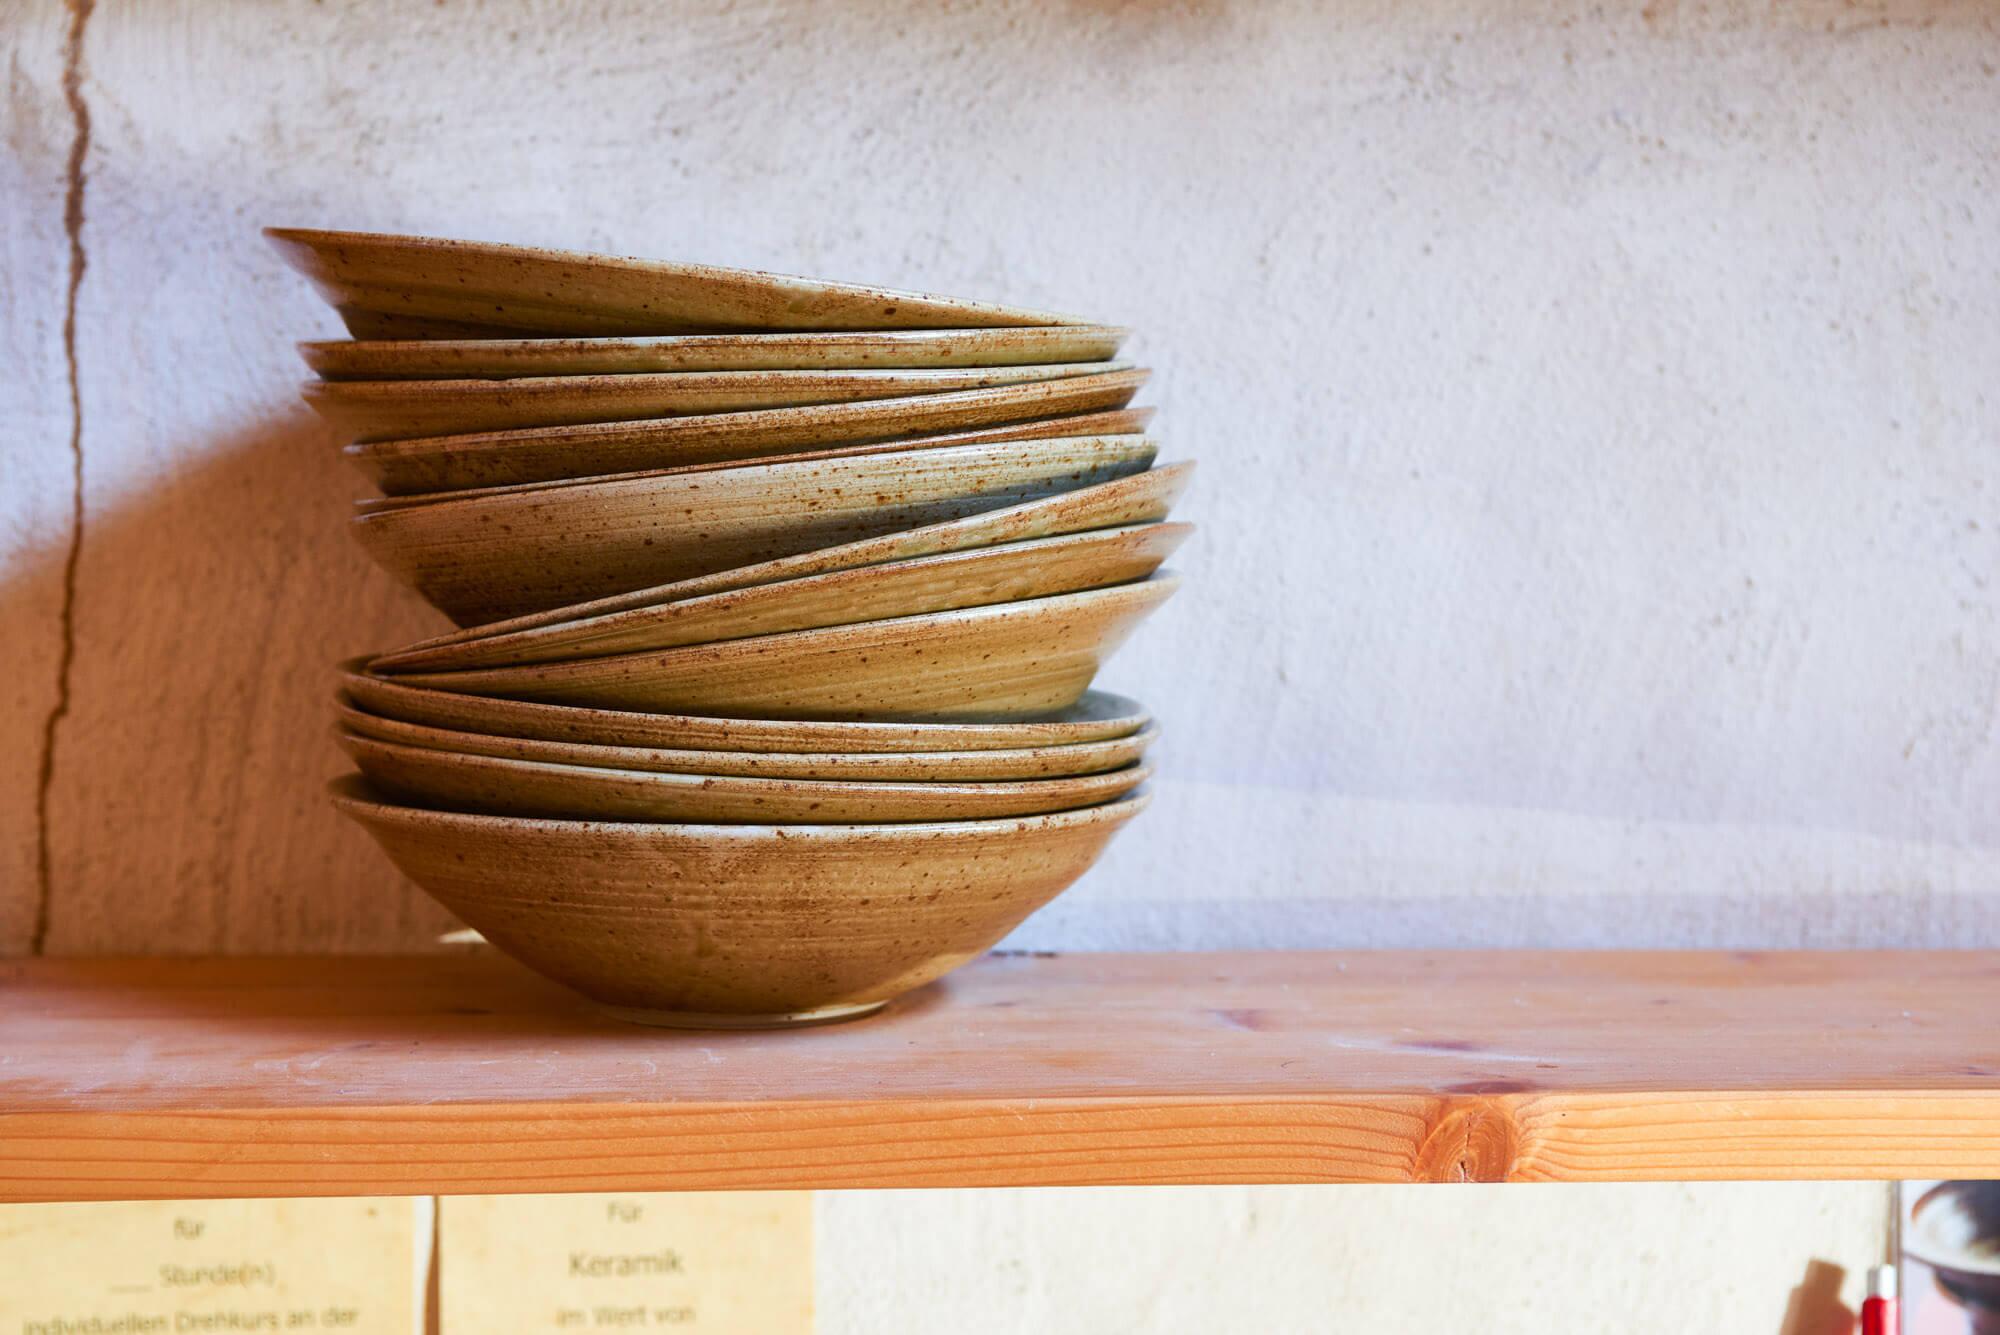 Katarina Petersilge Ton in Ton Keramik Töpferei Schalen getöpfert